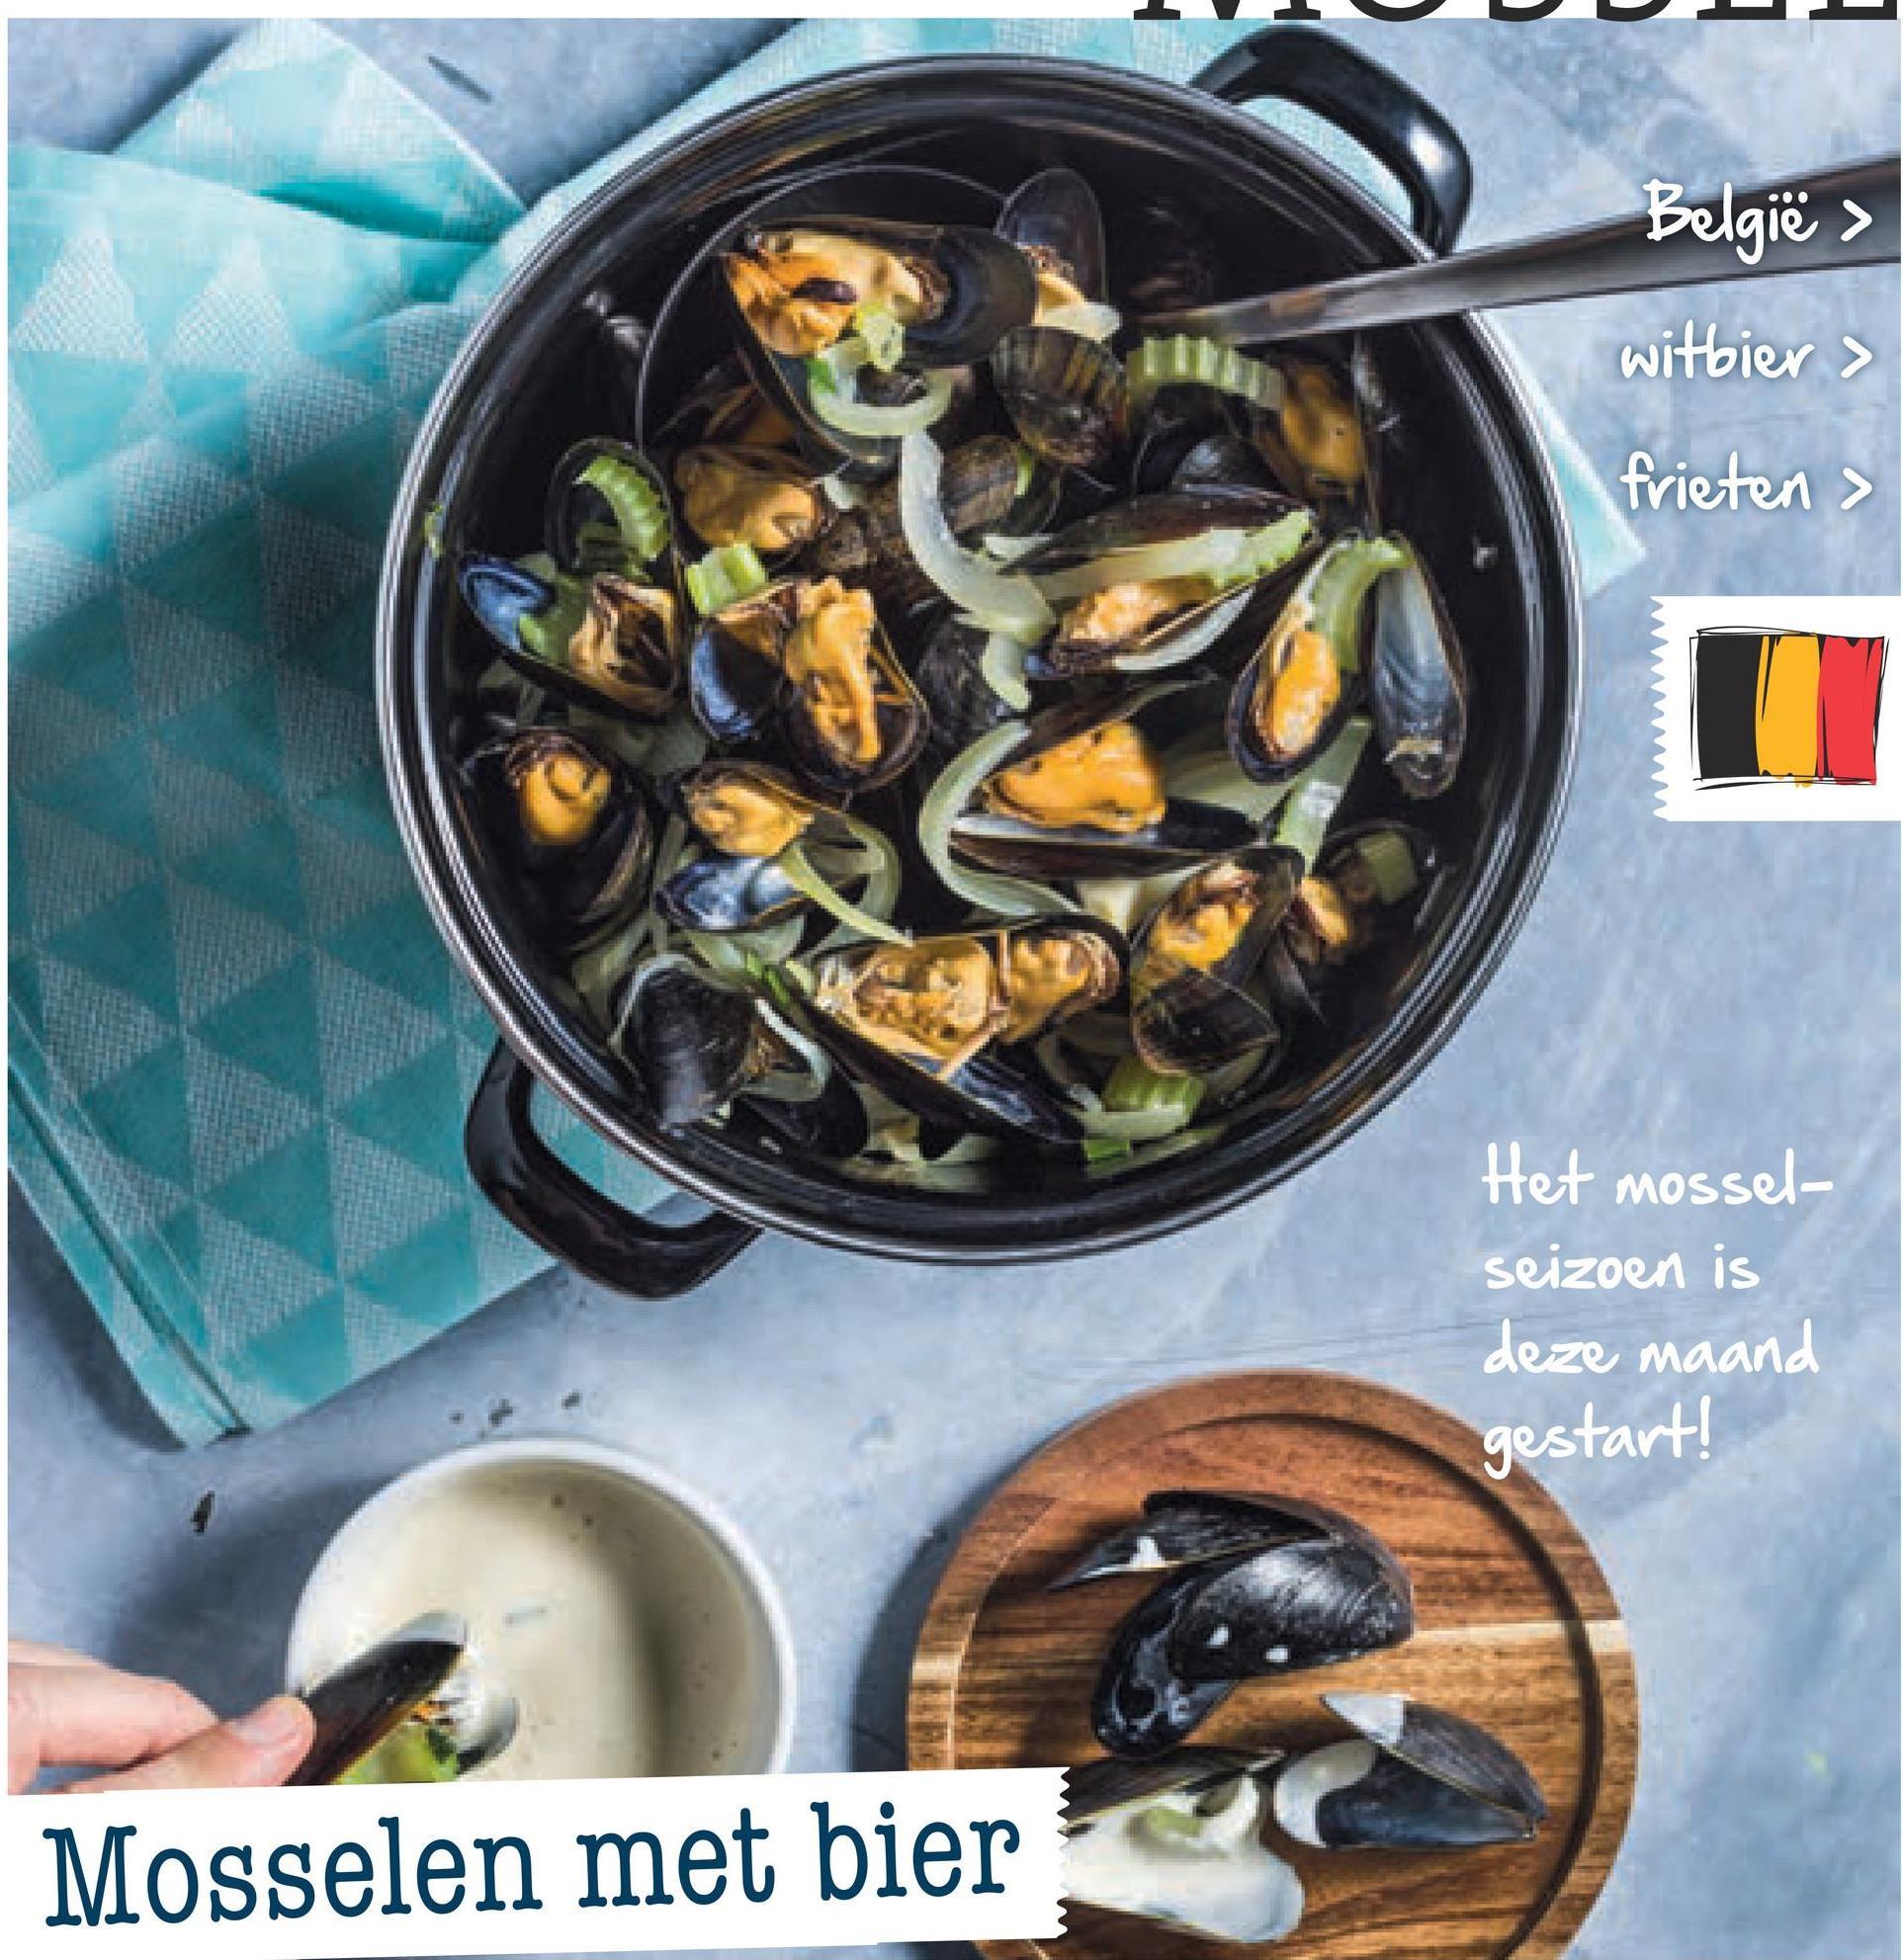 Spar folder van 29/06/2018 tot 31/07/2018 - België > witbier > frieten > Het mossel- seizoen is deze maand gestart! Mosselen met bier